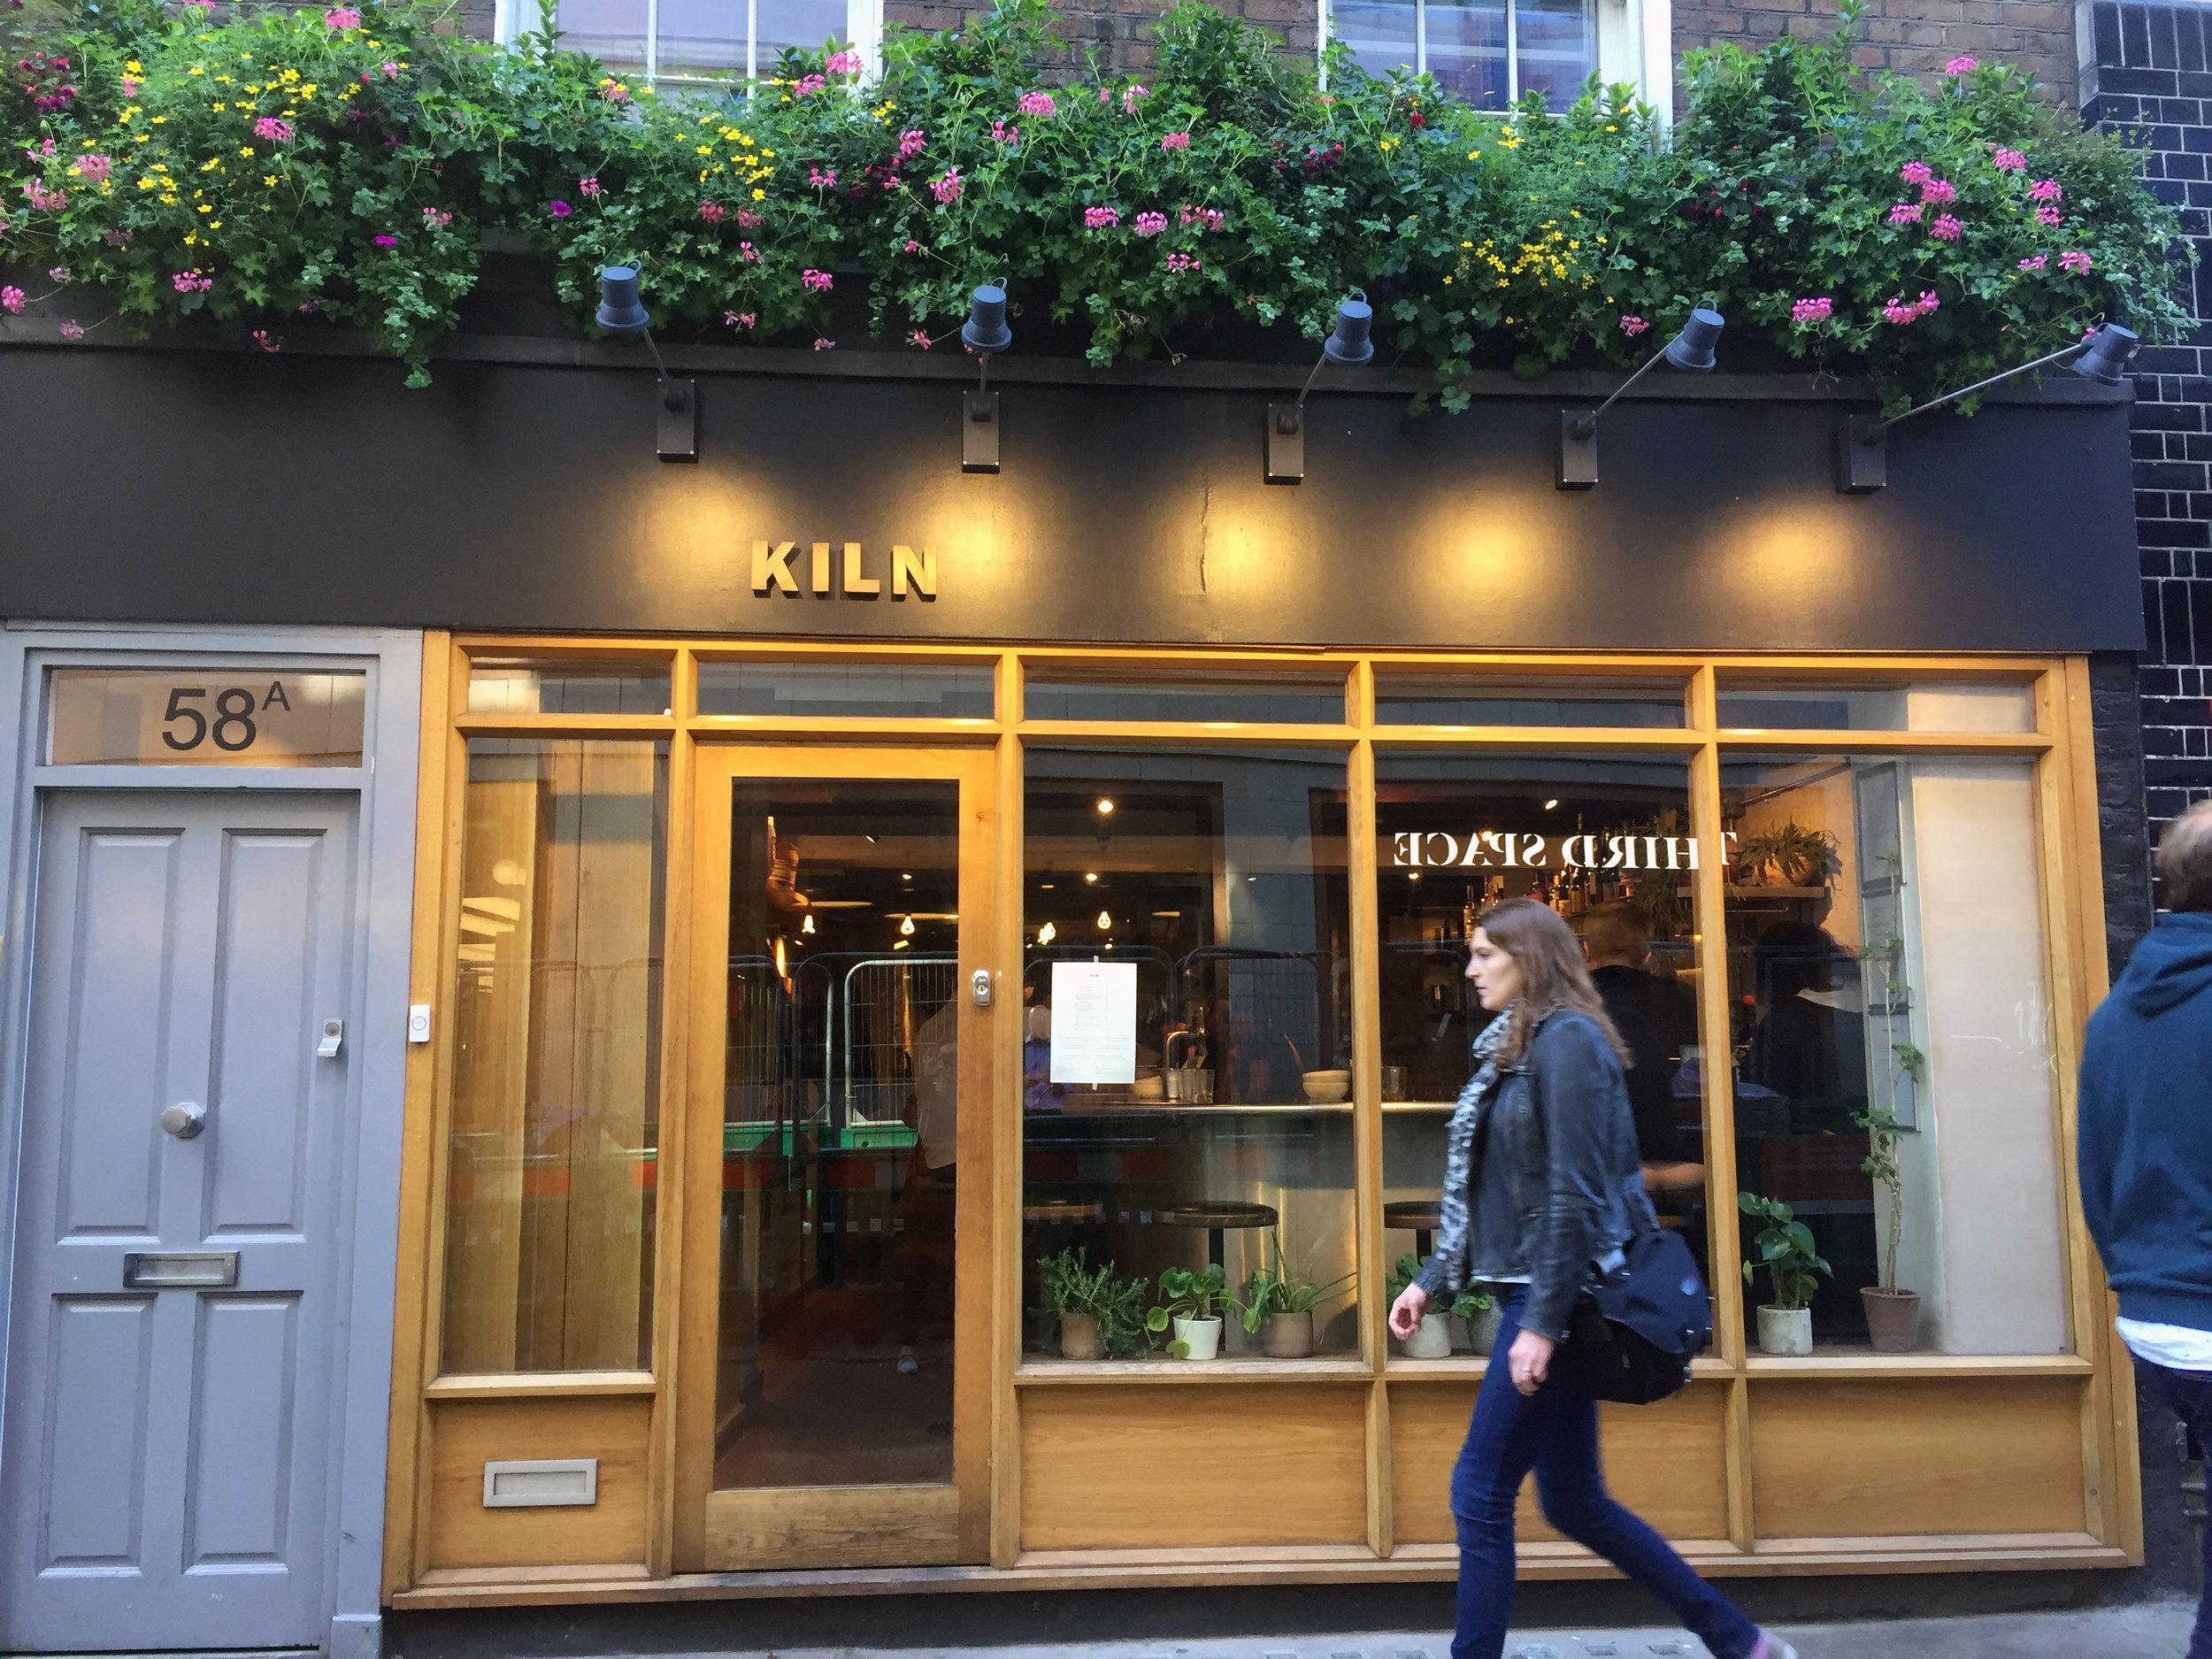 The excellent Kiln restaurant in London's Soho neighborhood